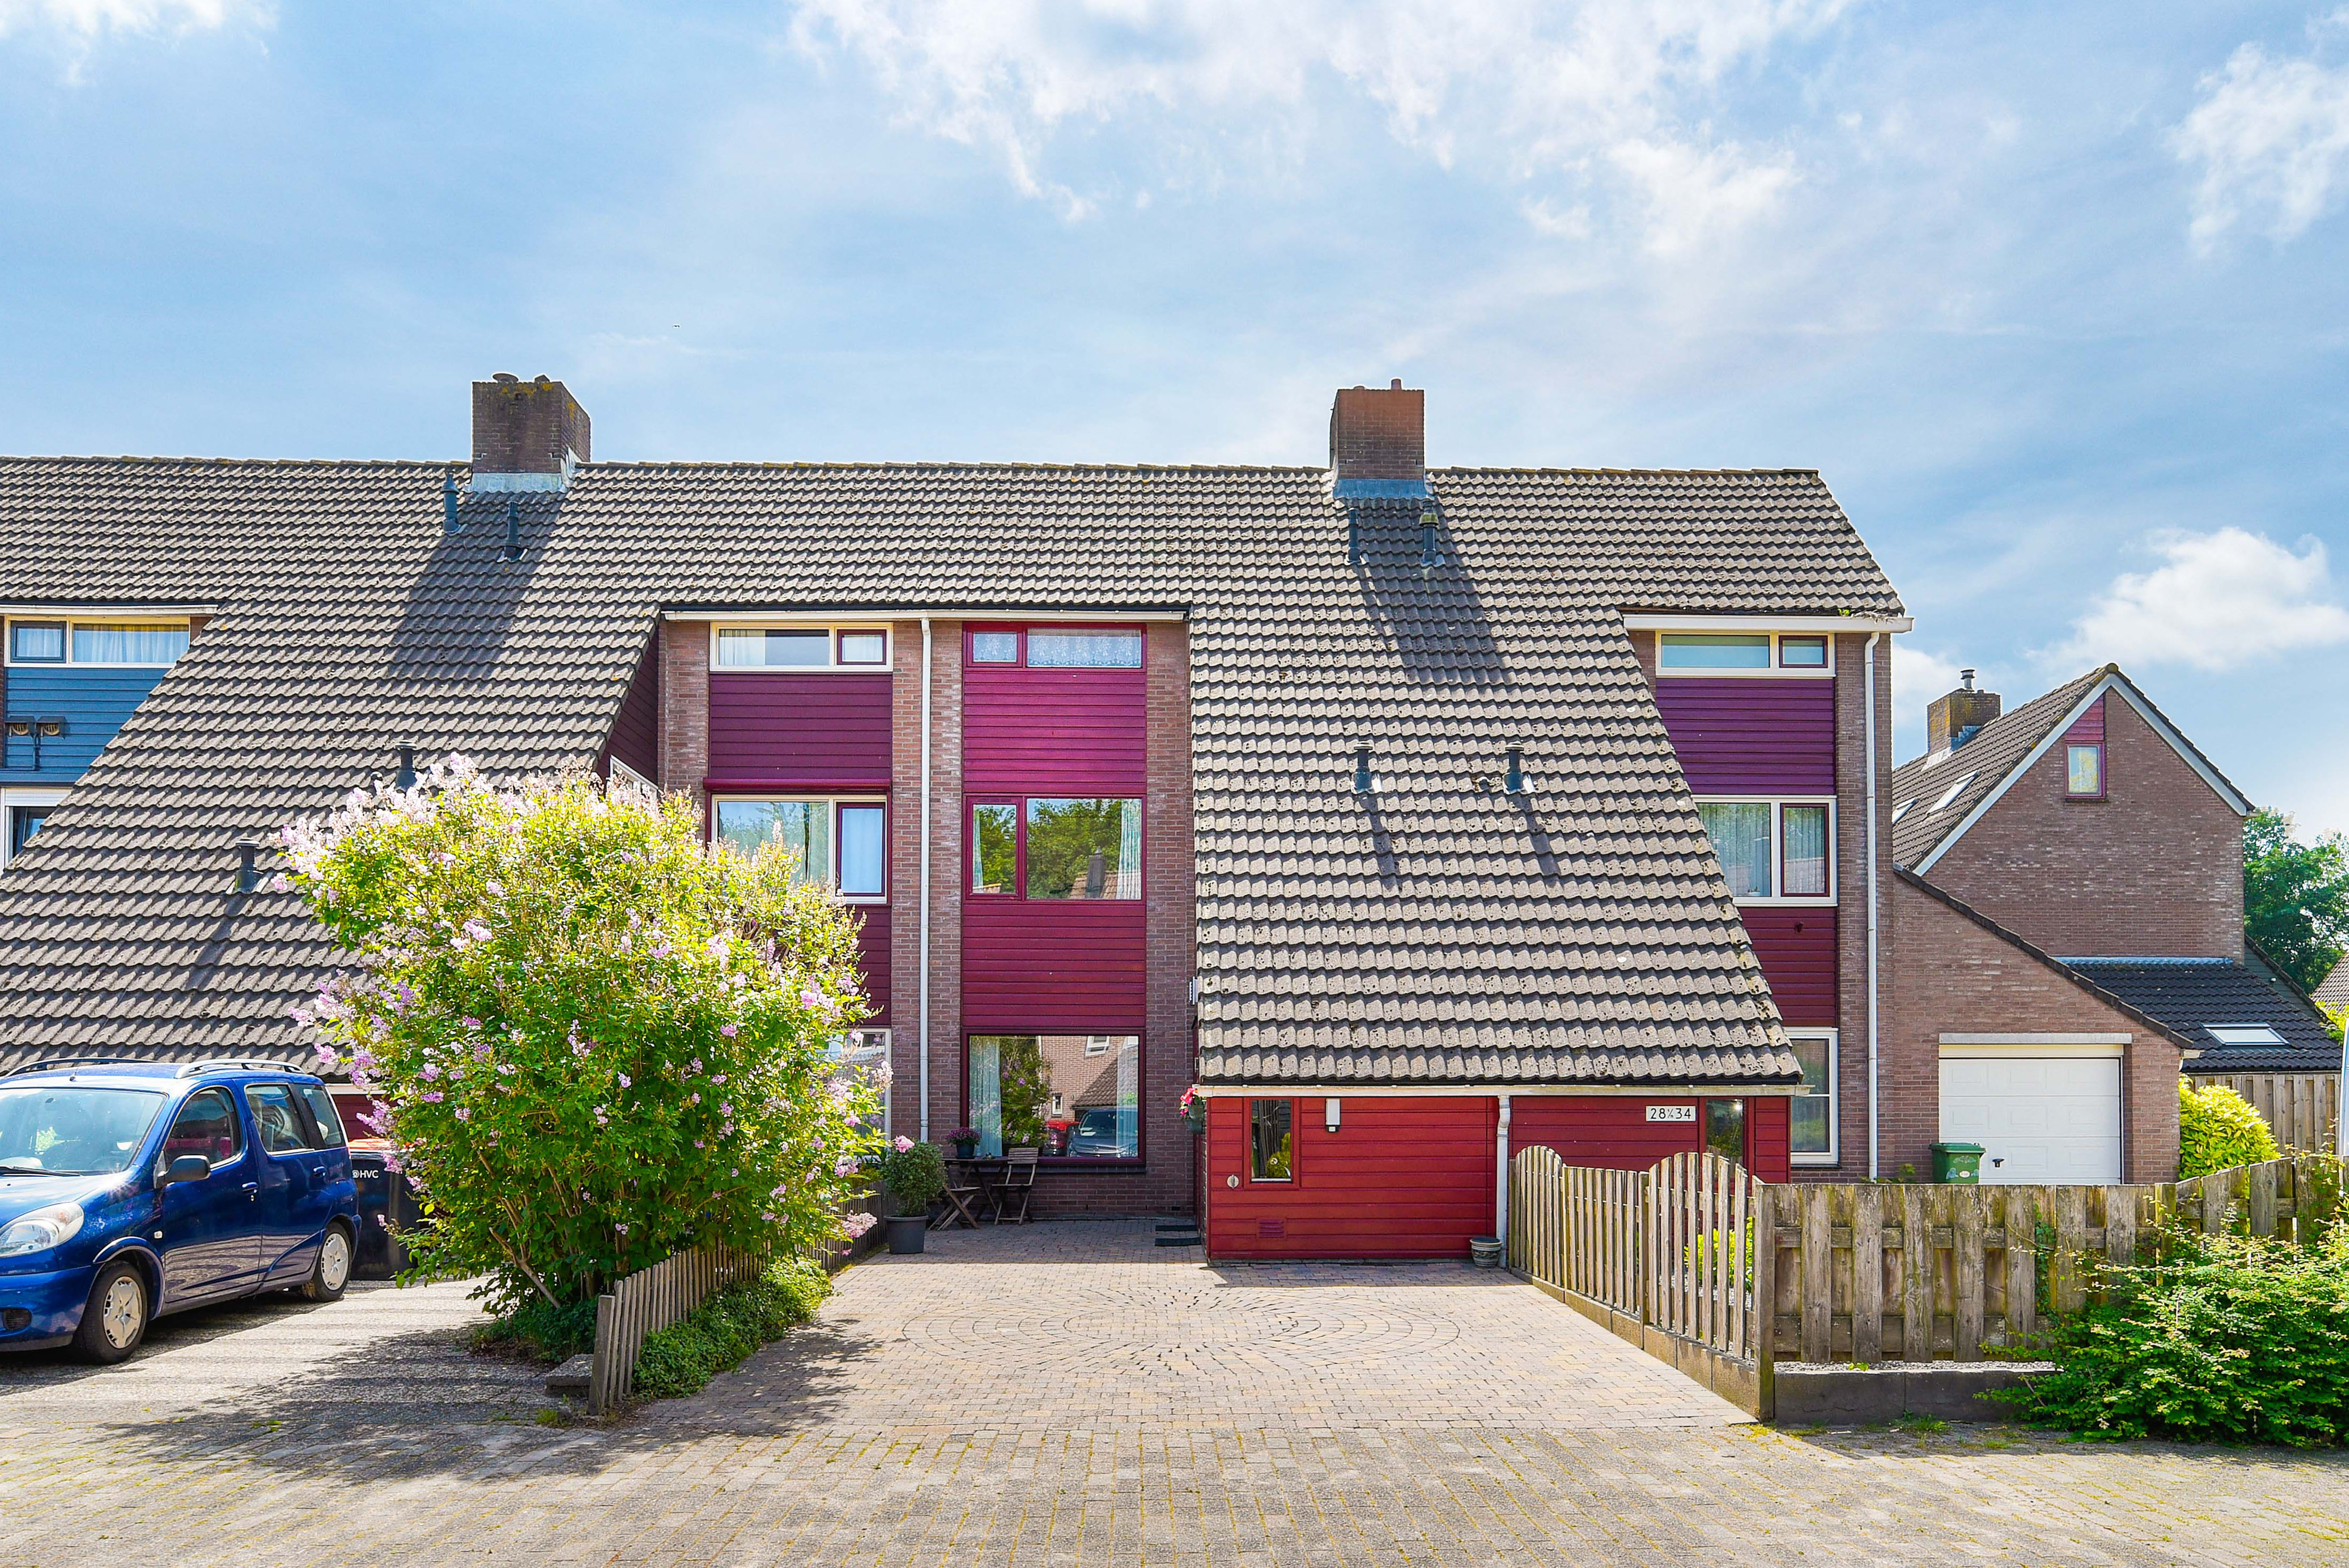 918f27aab41 Te koop: Verfmolen 29, Hoorn - Hoekstra en van Eck